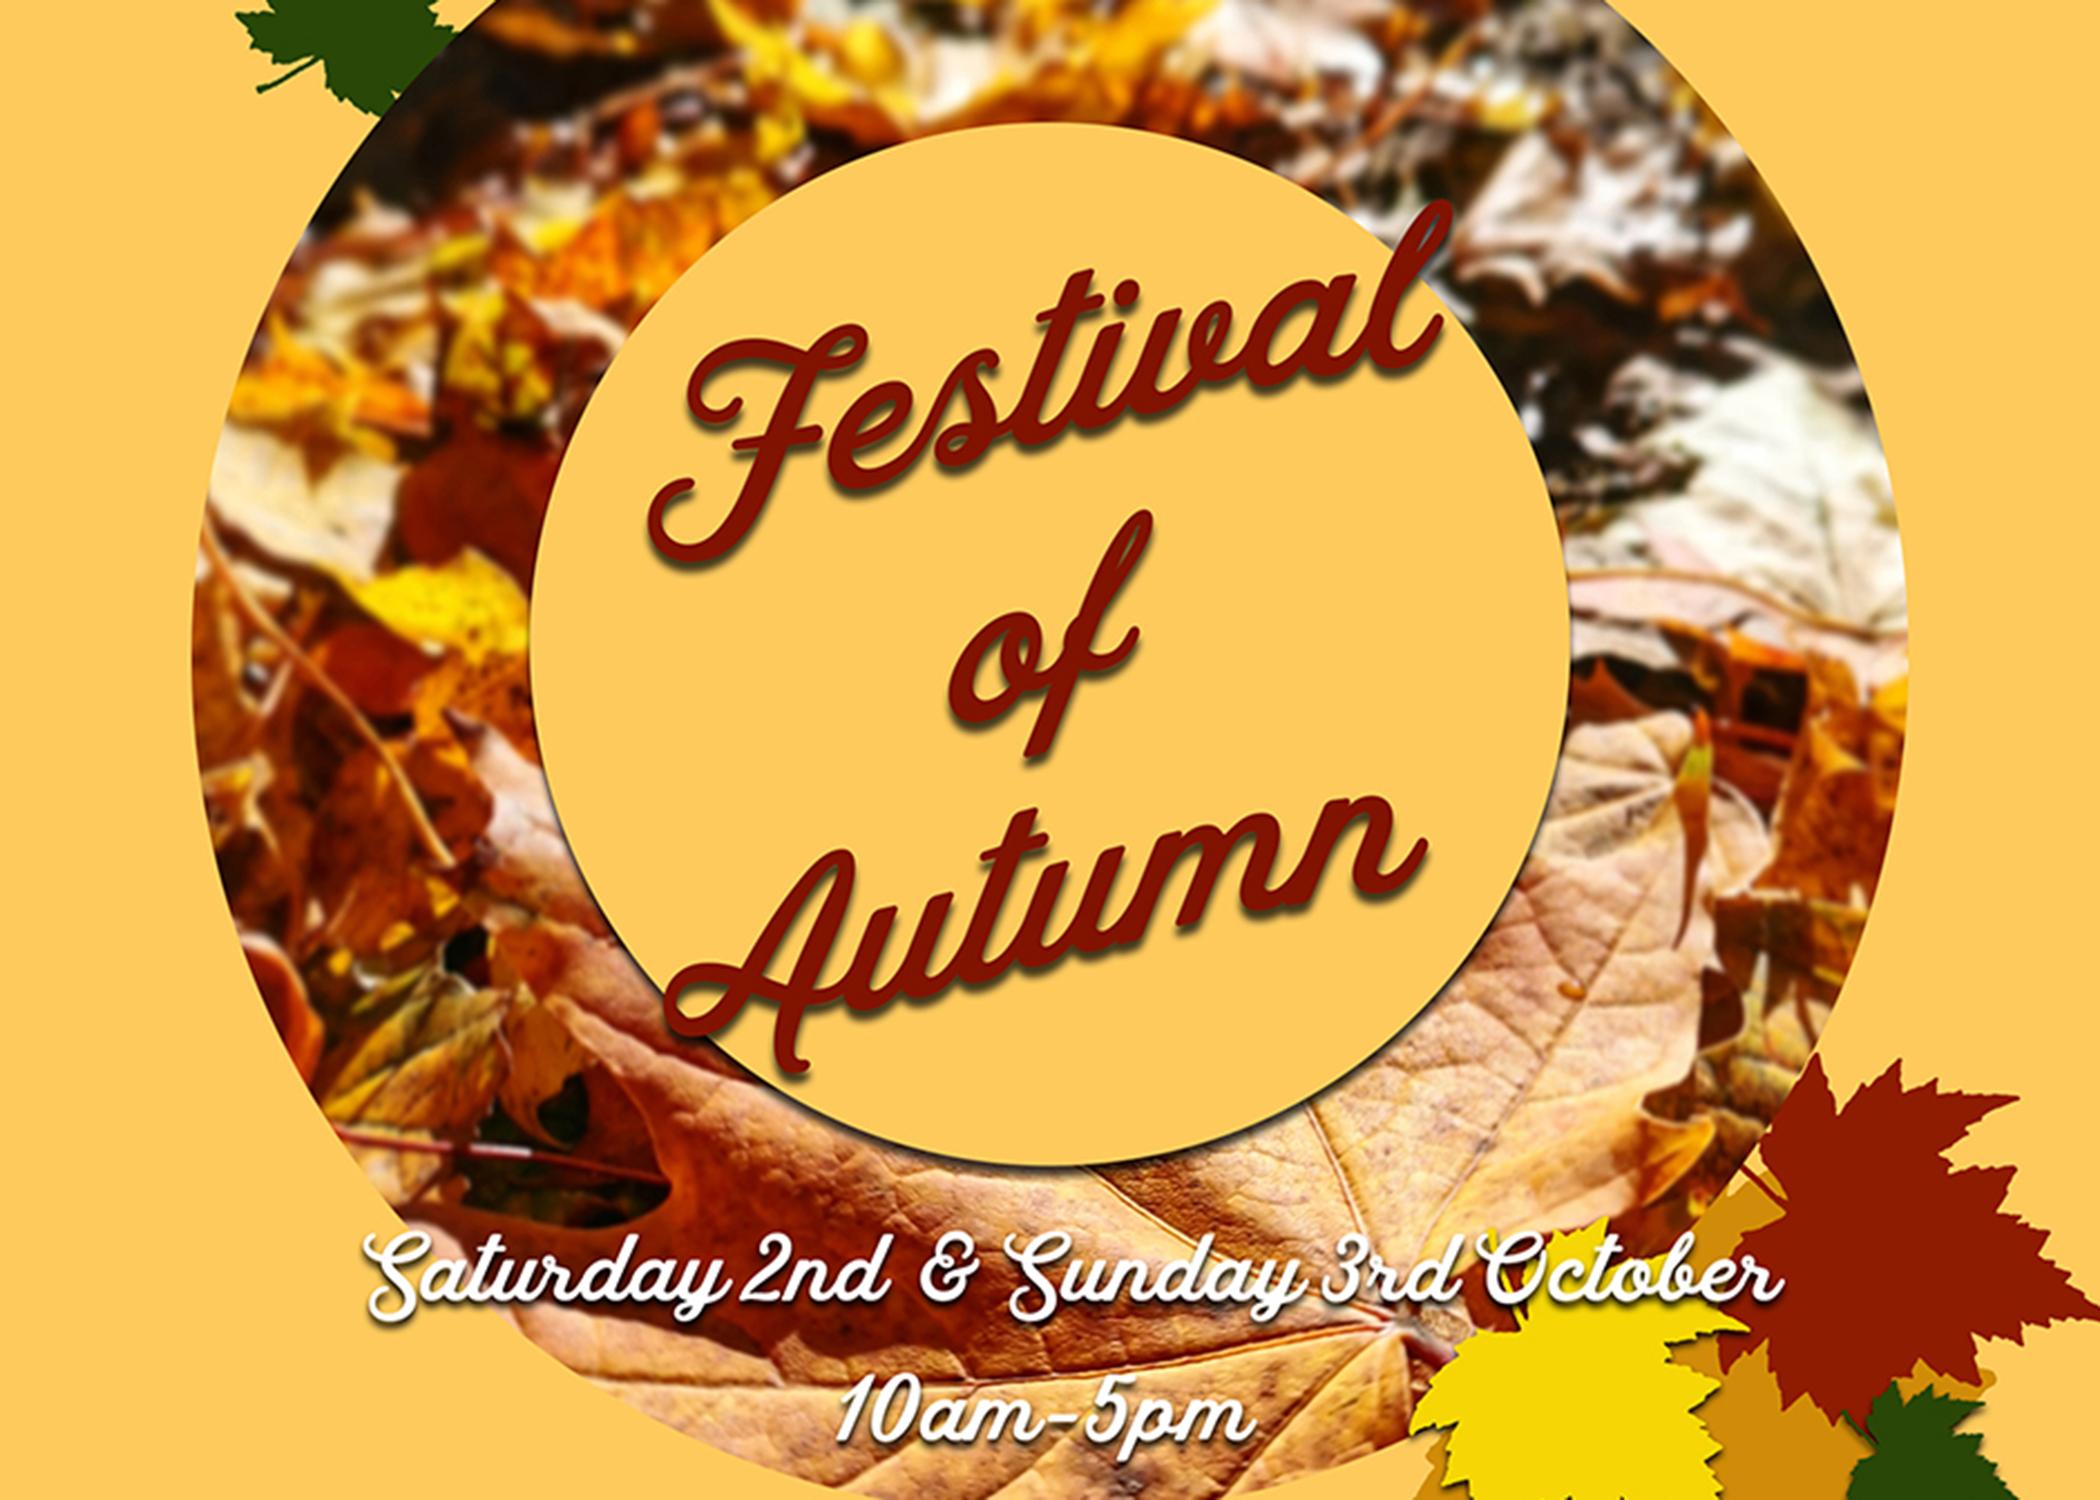 Festival of Autumn